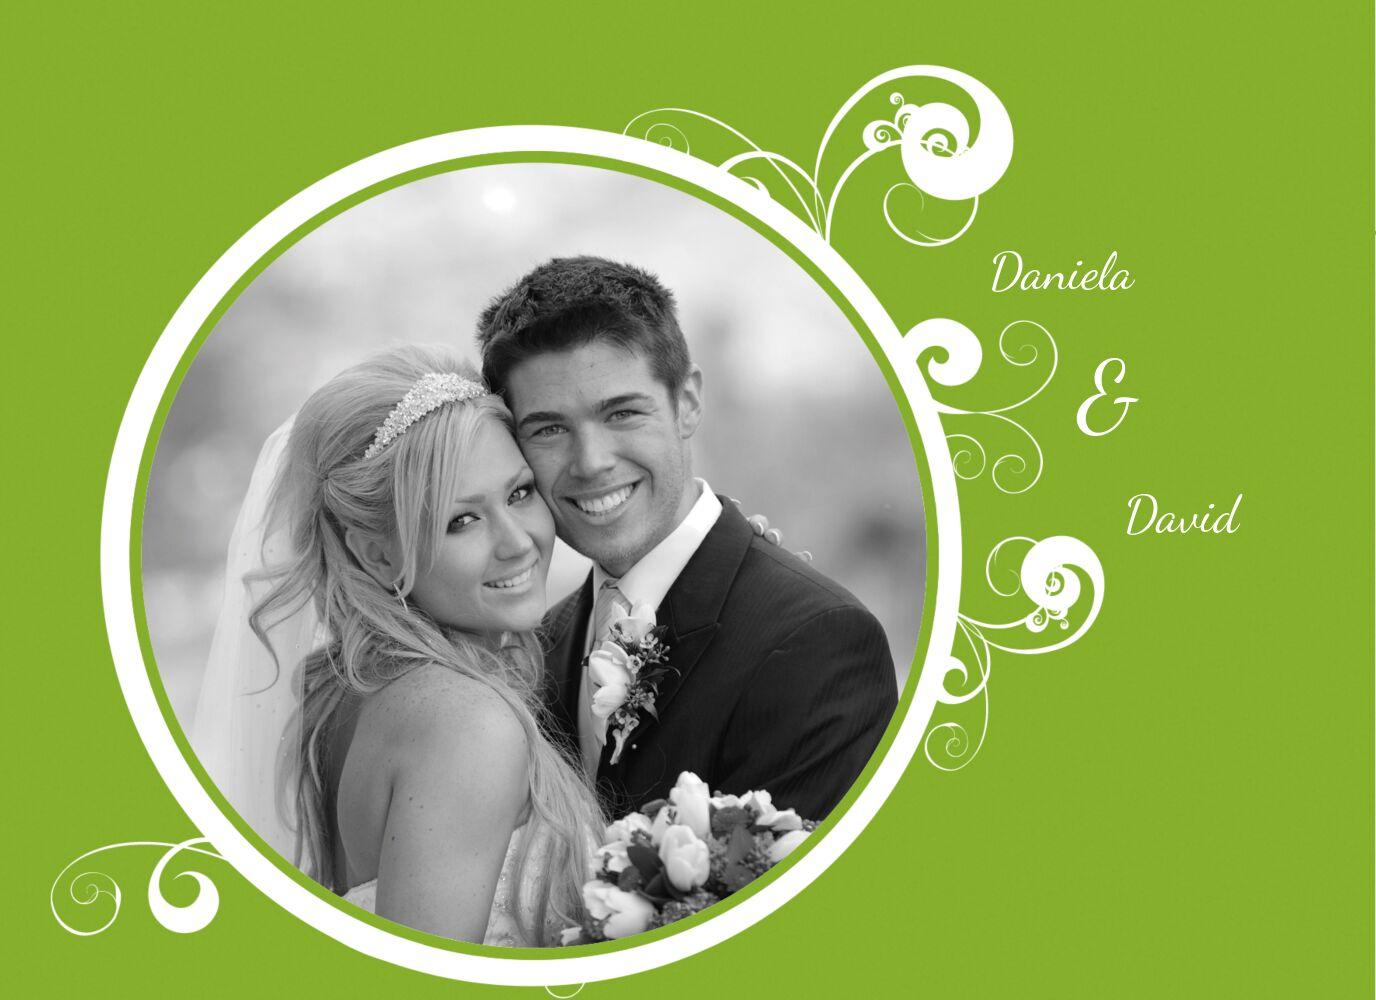 Ansicht 4 - Hochzeit Dankeskarte squiggle chubby